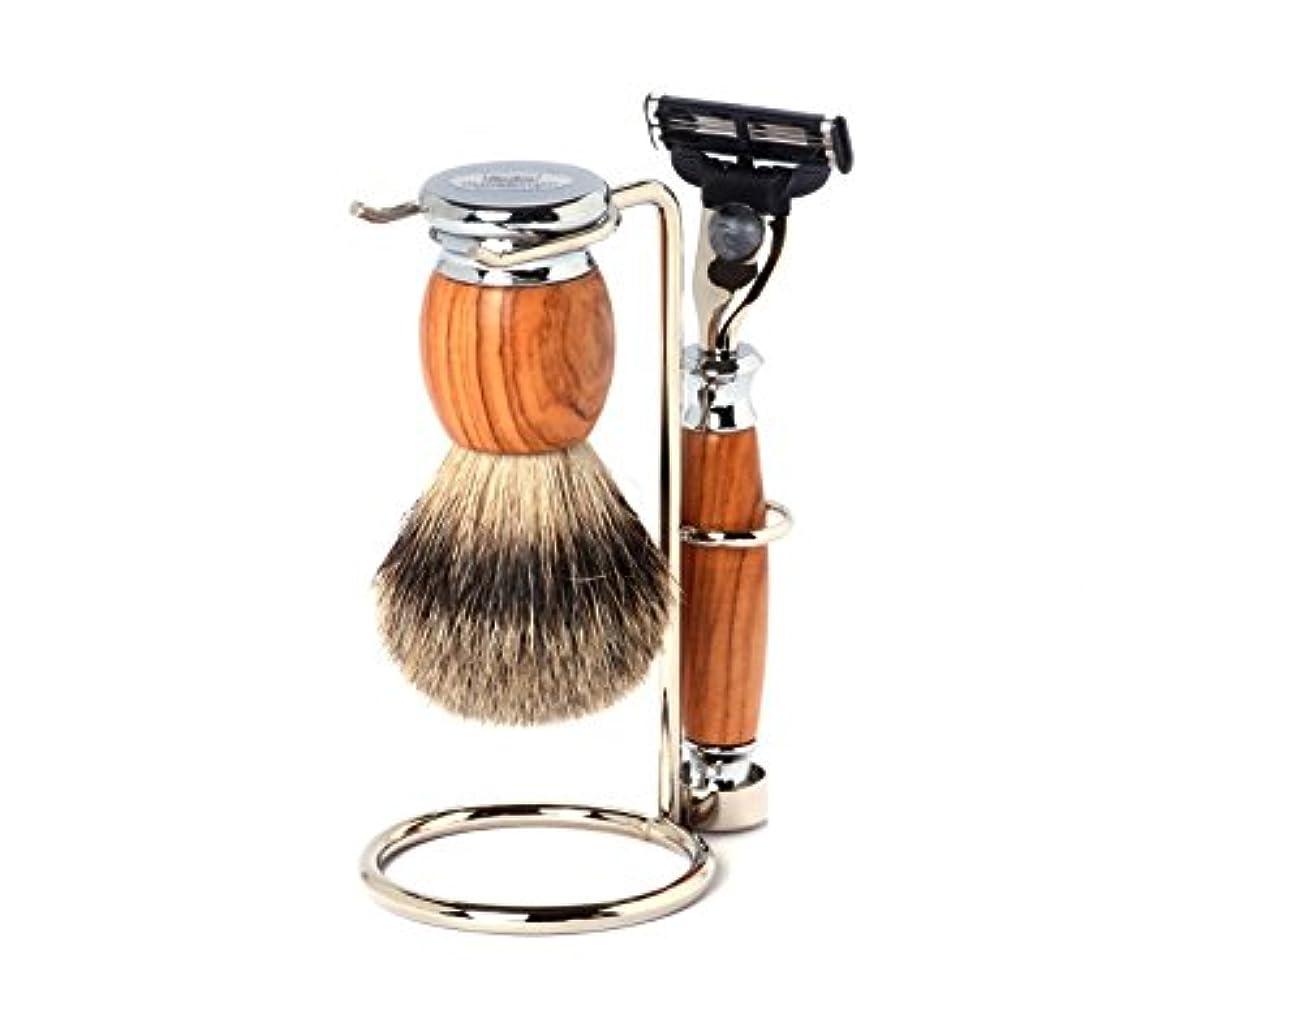 人気の集まるなんでもShaving Set Olive, Mach3 razor, silvertip brush and stand - Hans Baier